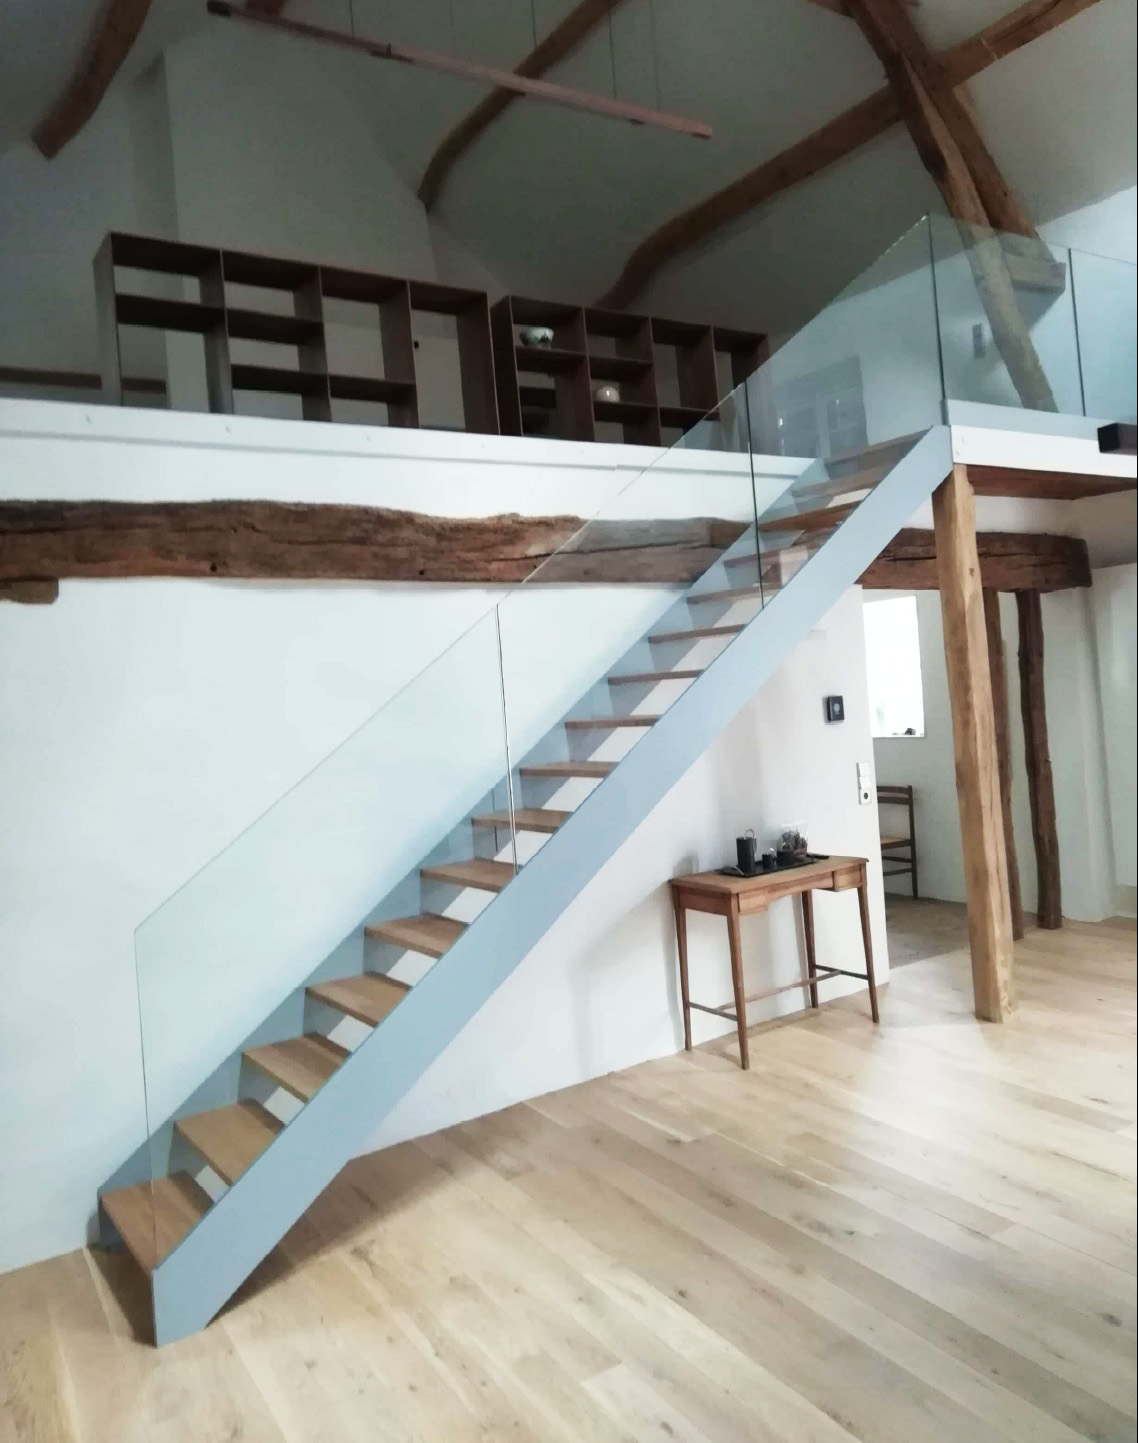 Escalier Interieur Maison Moderne pourquoi et comment choisir un escalier métal et bois ? | oéba